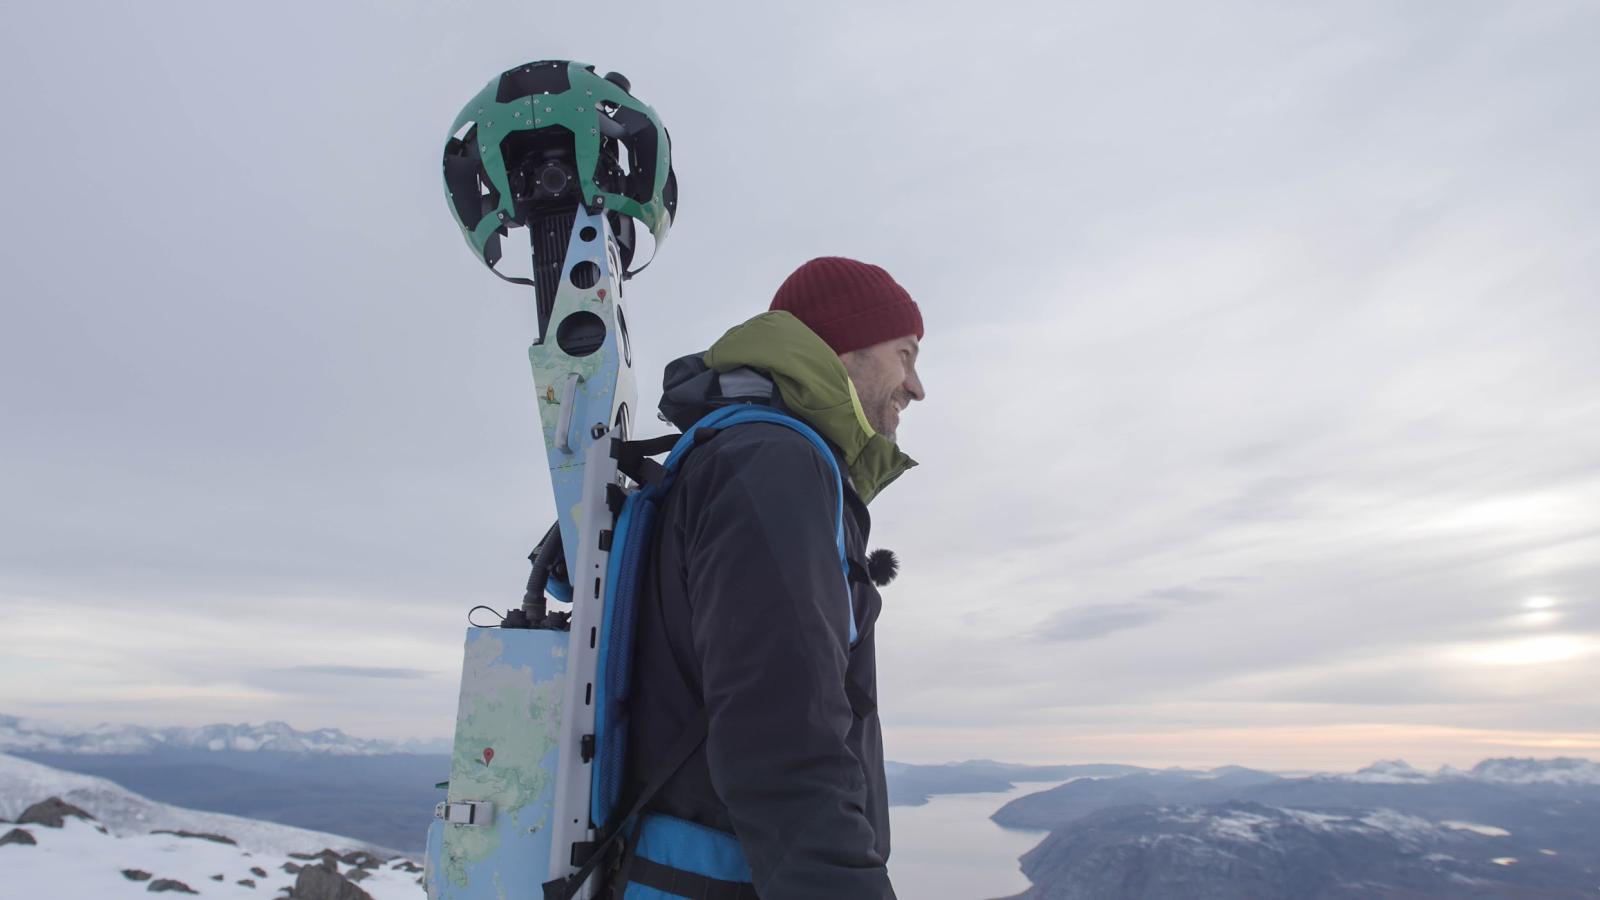 Nikolaj Coster-Waldau groenlandia en tu gran viaje revista de viajes y turismo